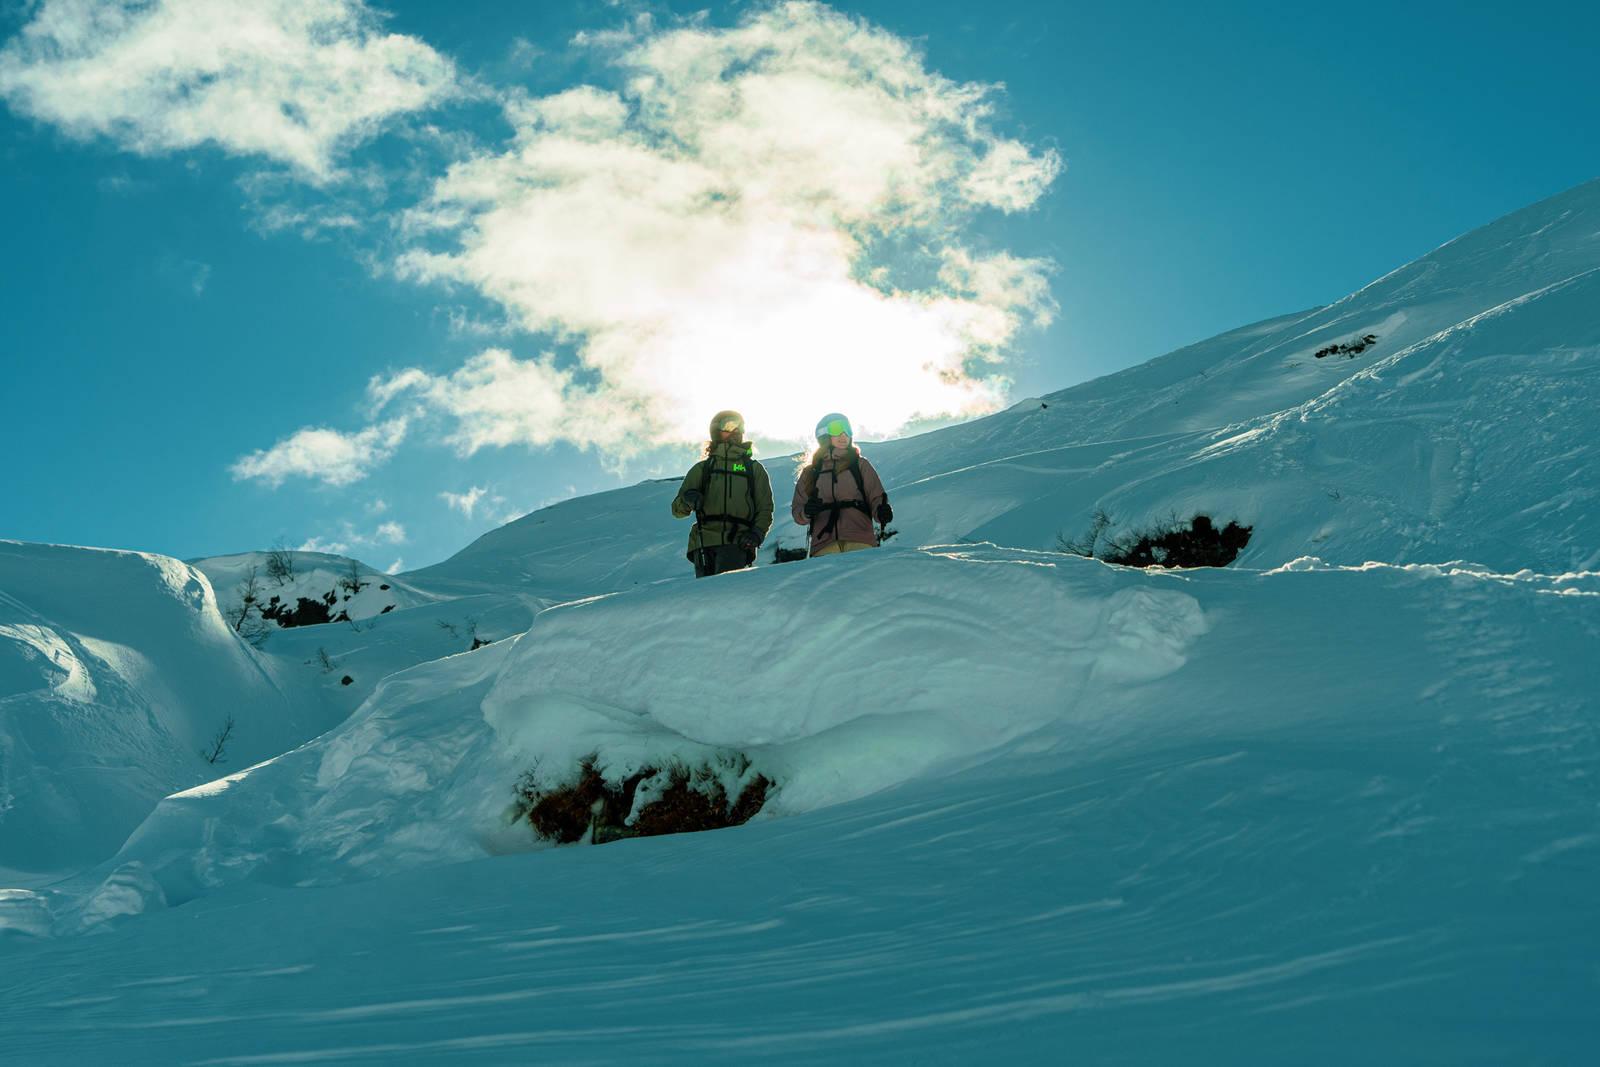 Treffer du med været i Røldal er det lite som slår en dag her. Bilde: Christian Nerdrum